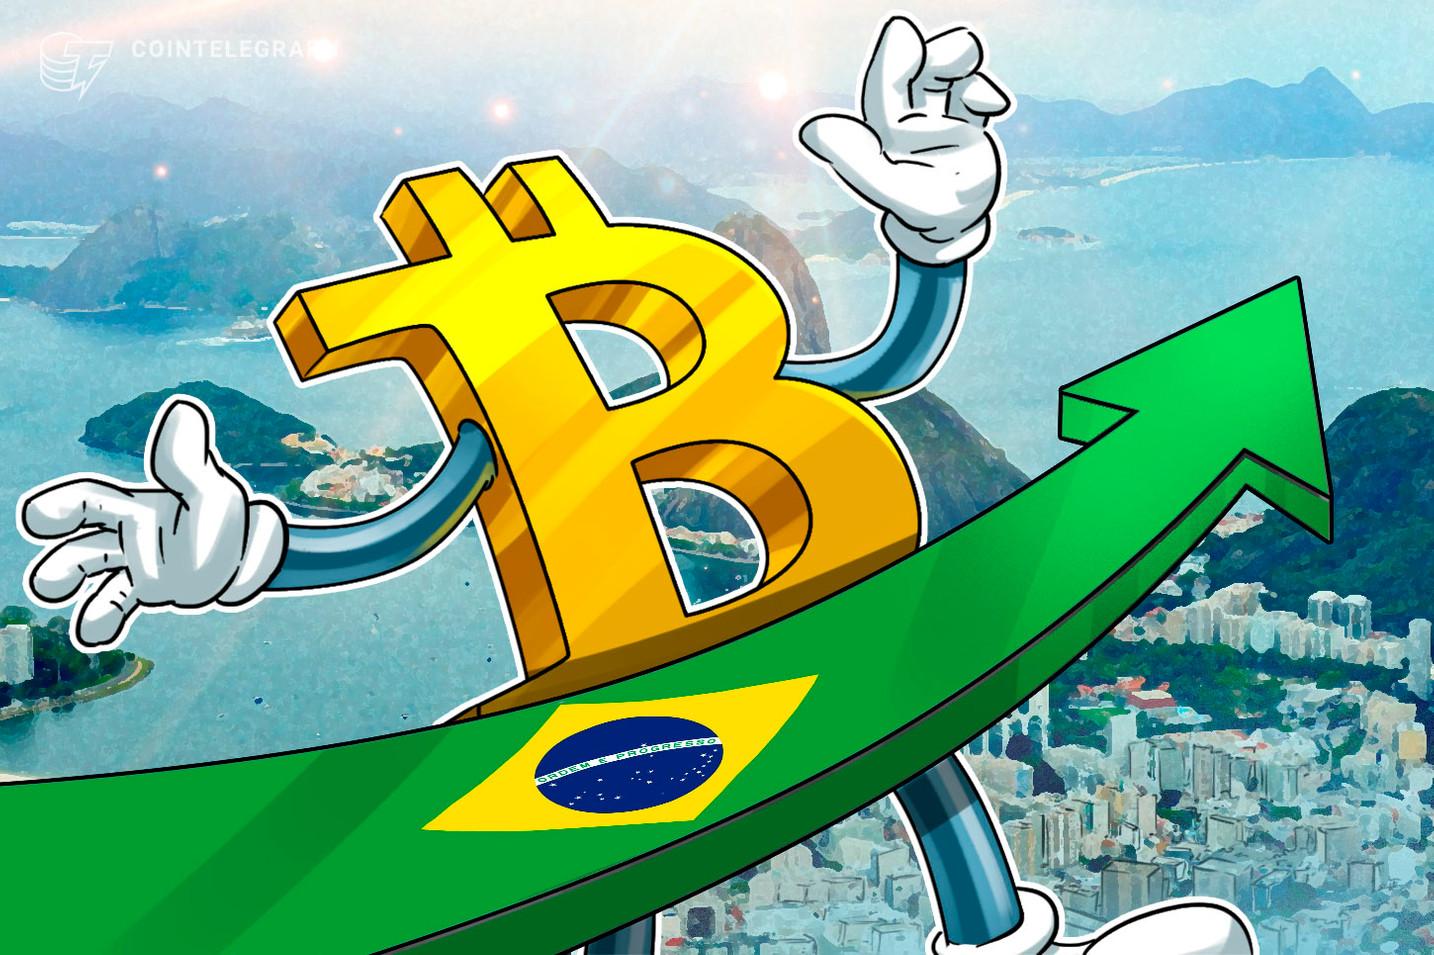 Disparada do dólar e alta internacional levam Bitcoin a valorização mais de 30% no Brasil em janeiro